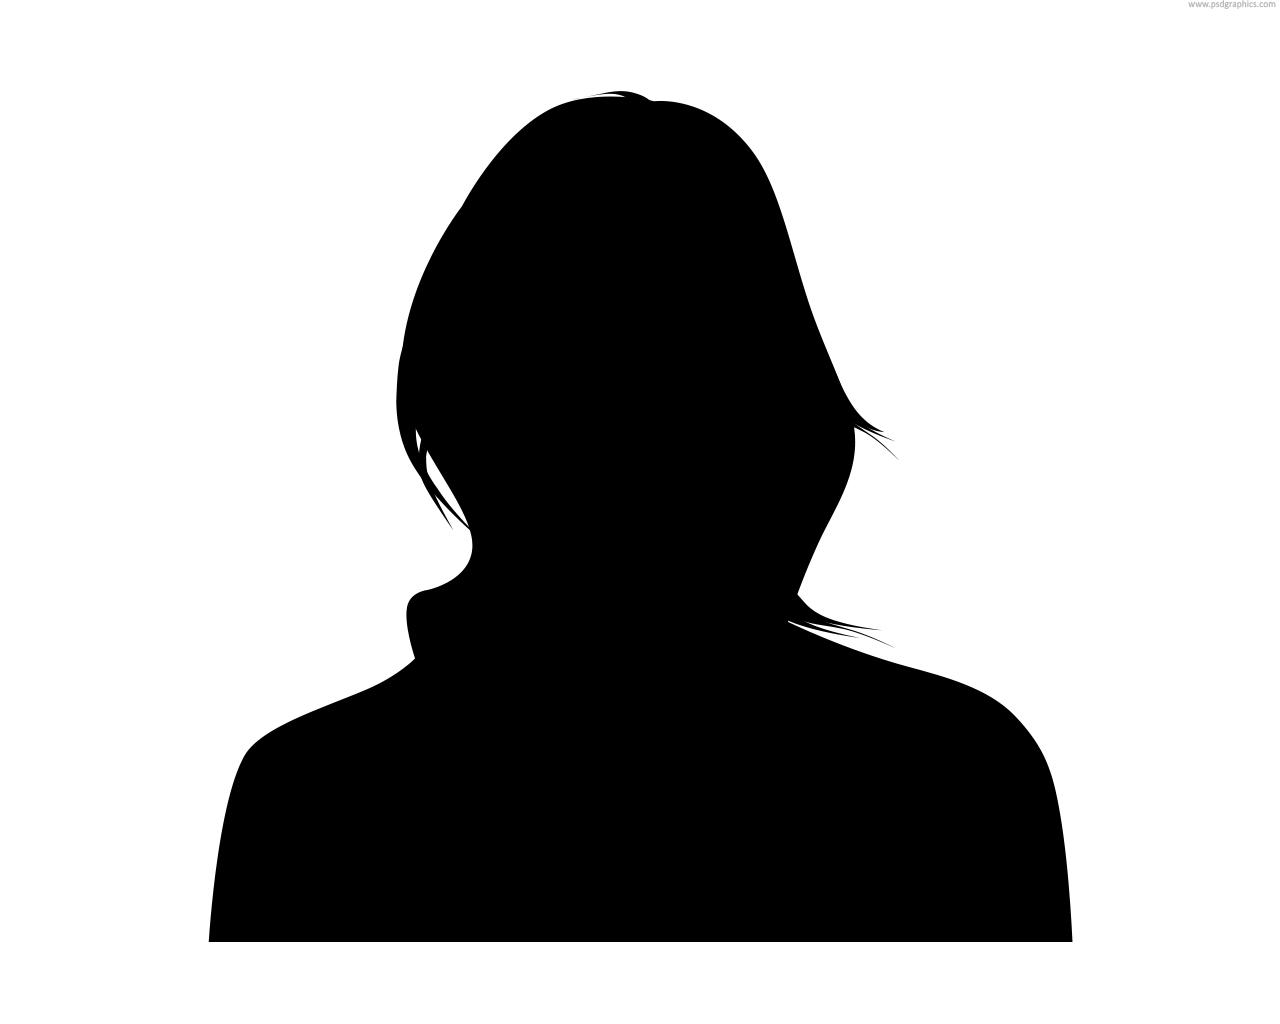 Woman Silhouette Stockbilder und Bilder und Vektorgrafiken ...